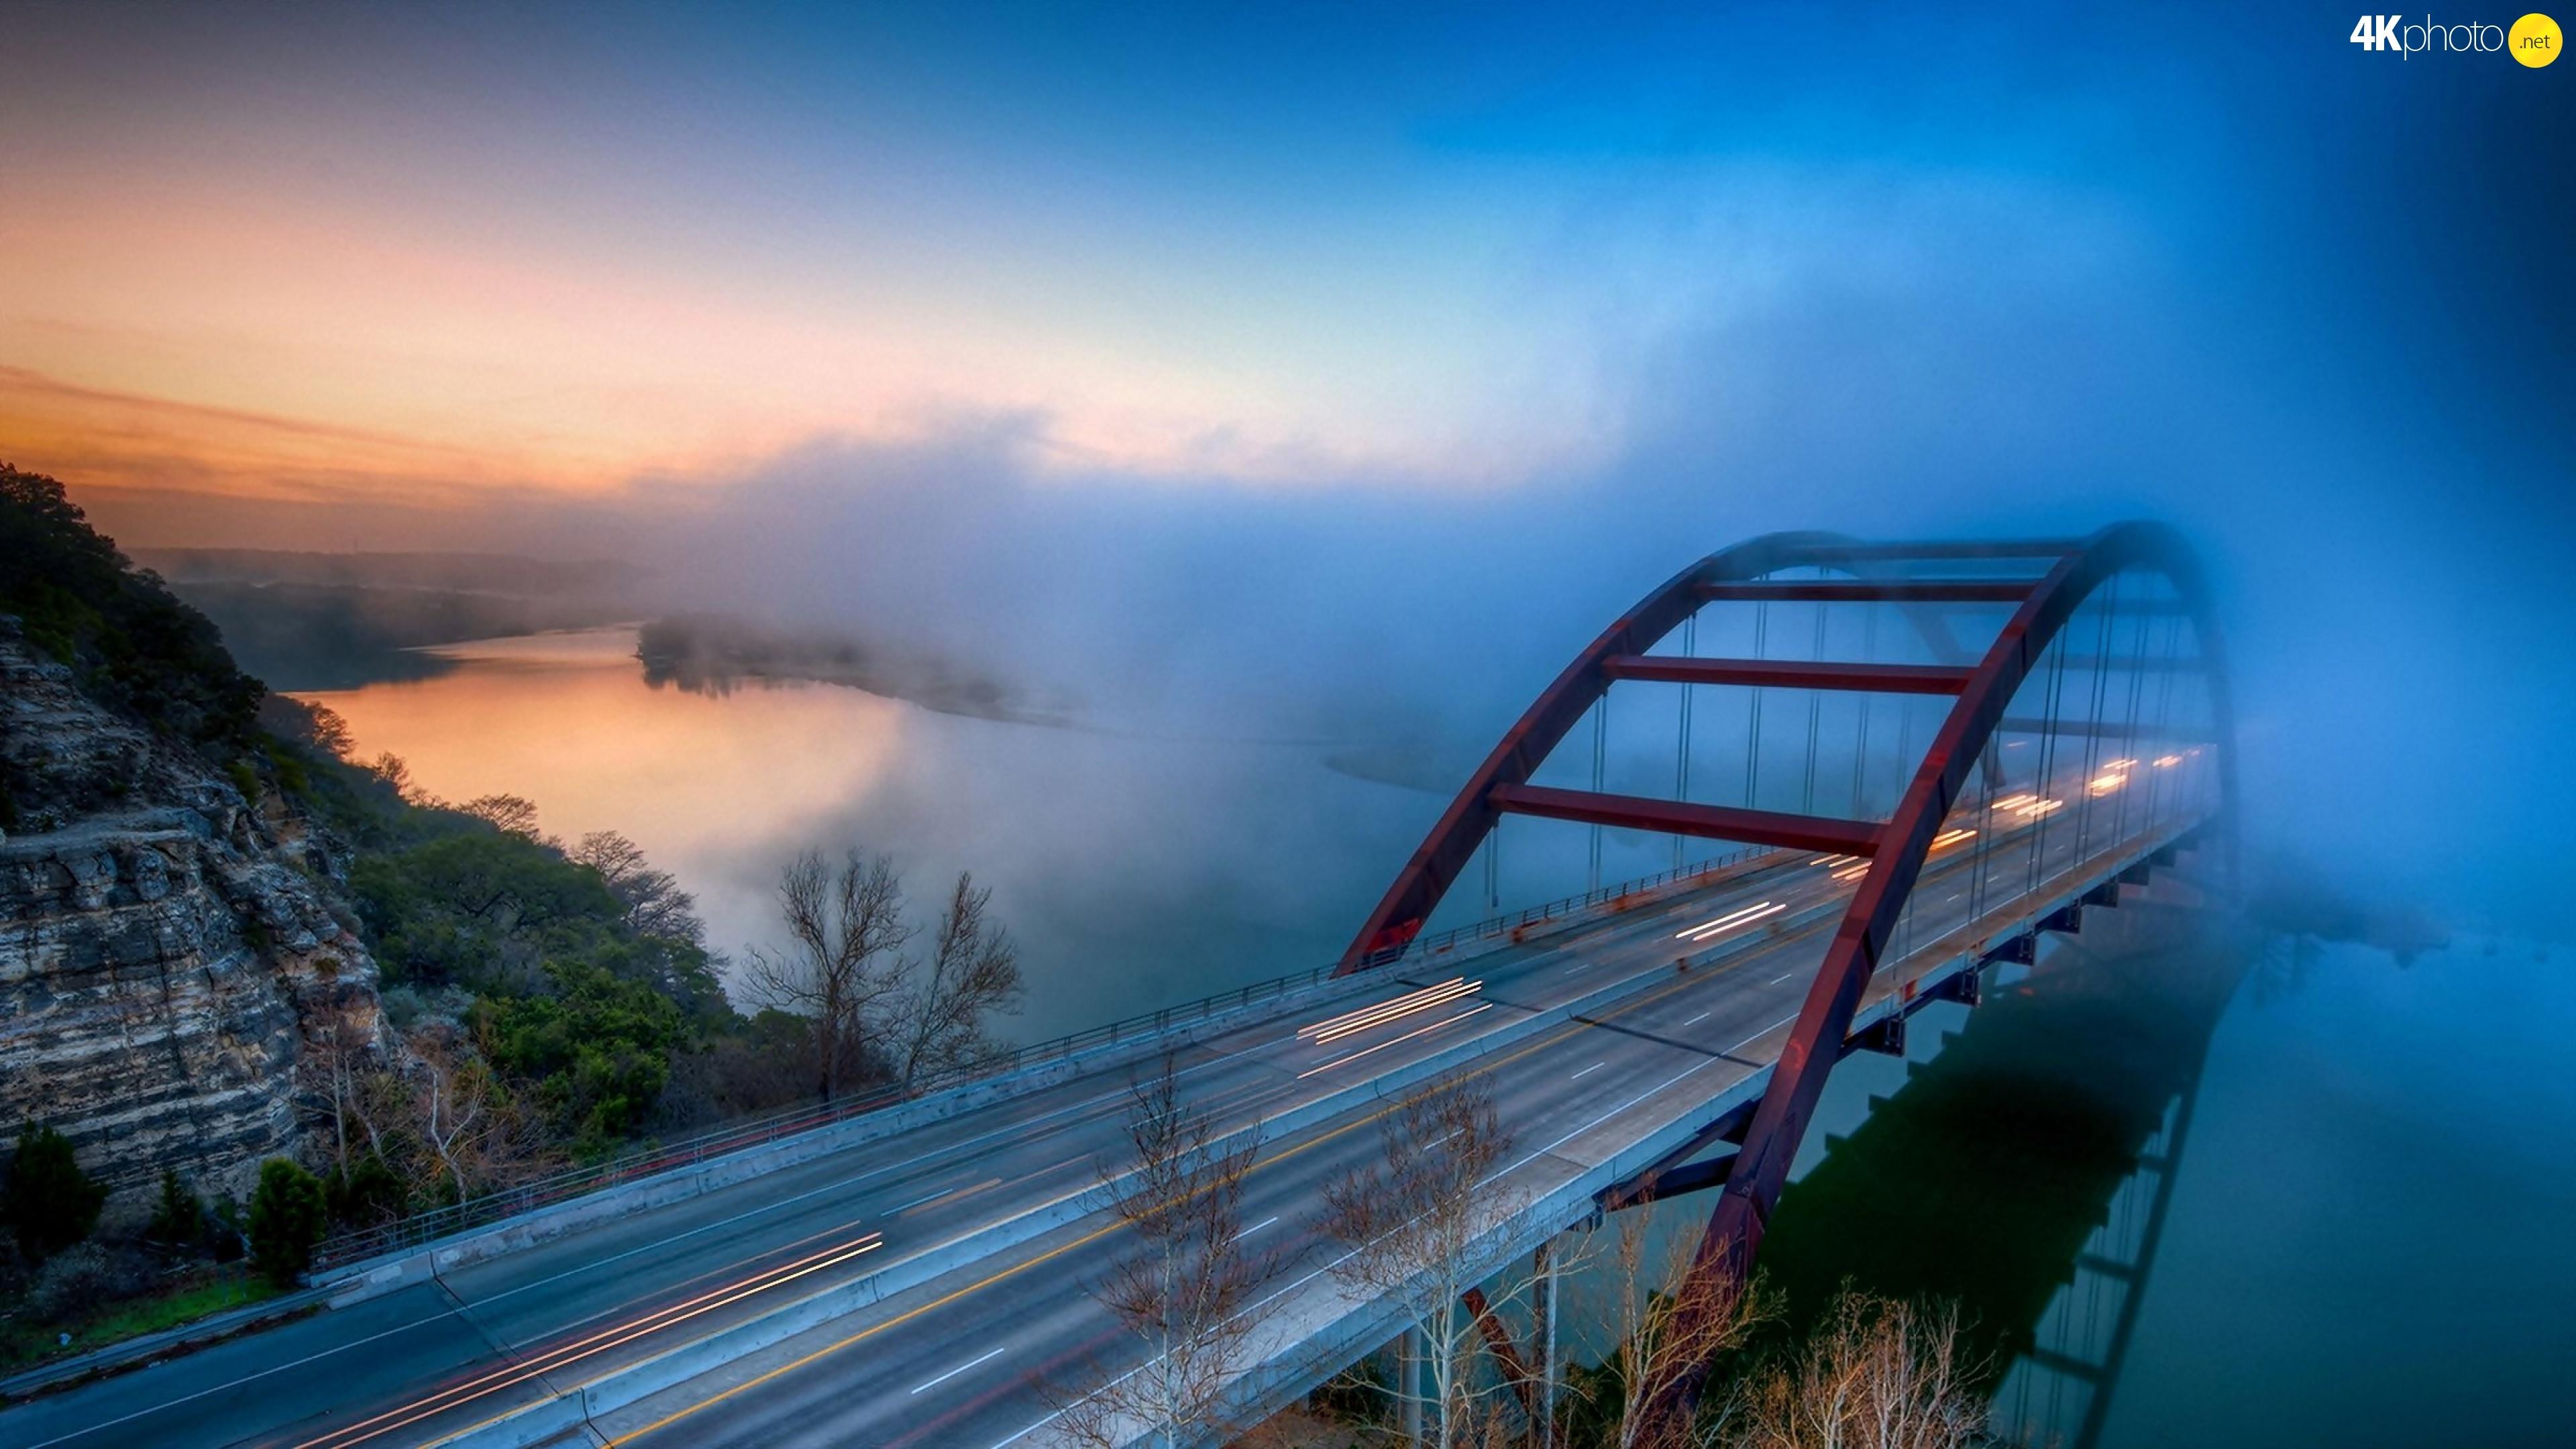 Фонари на мосту через реку без смс